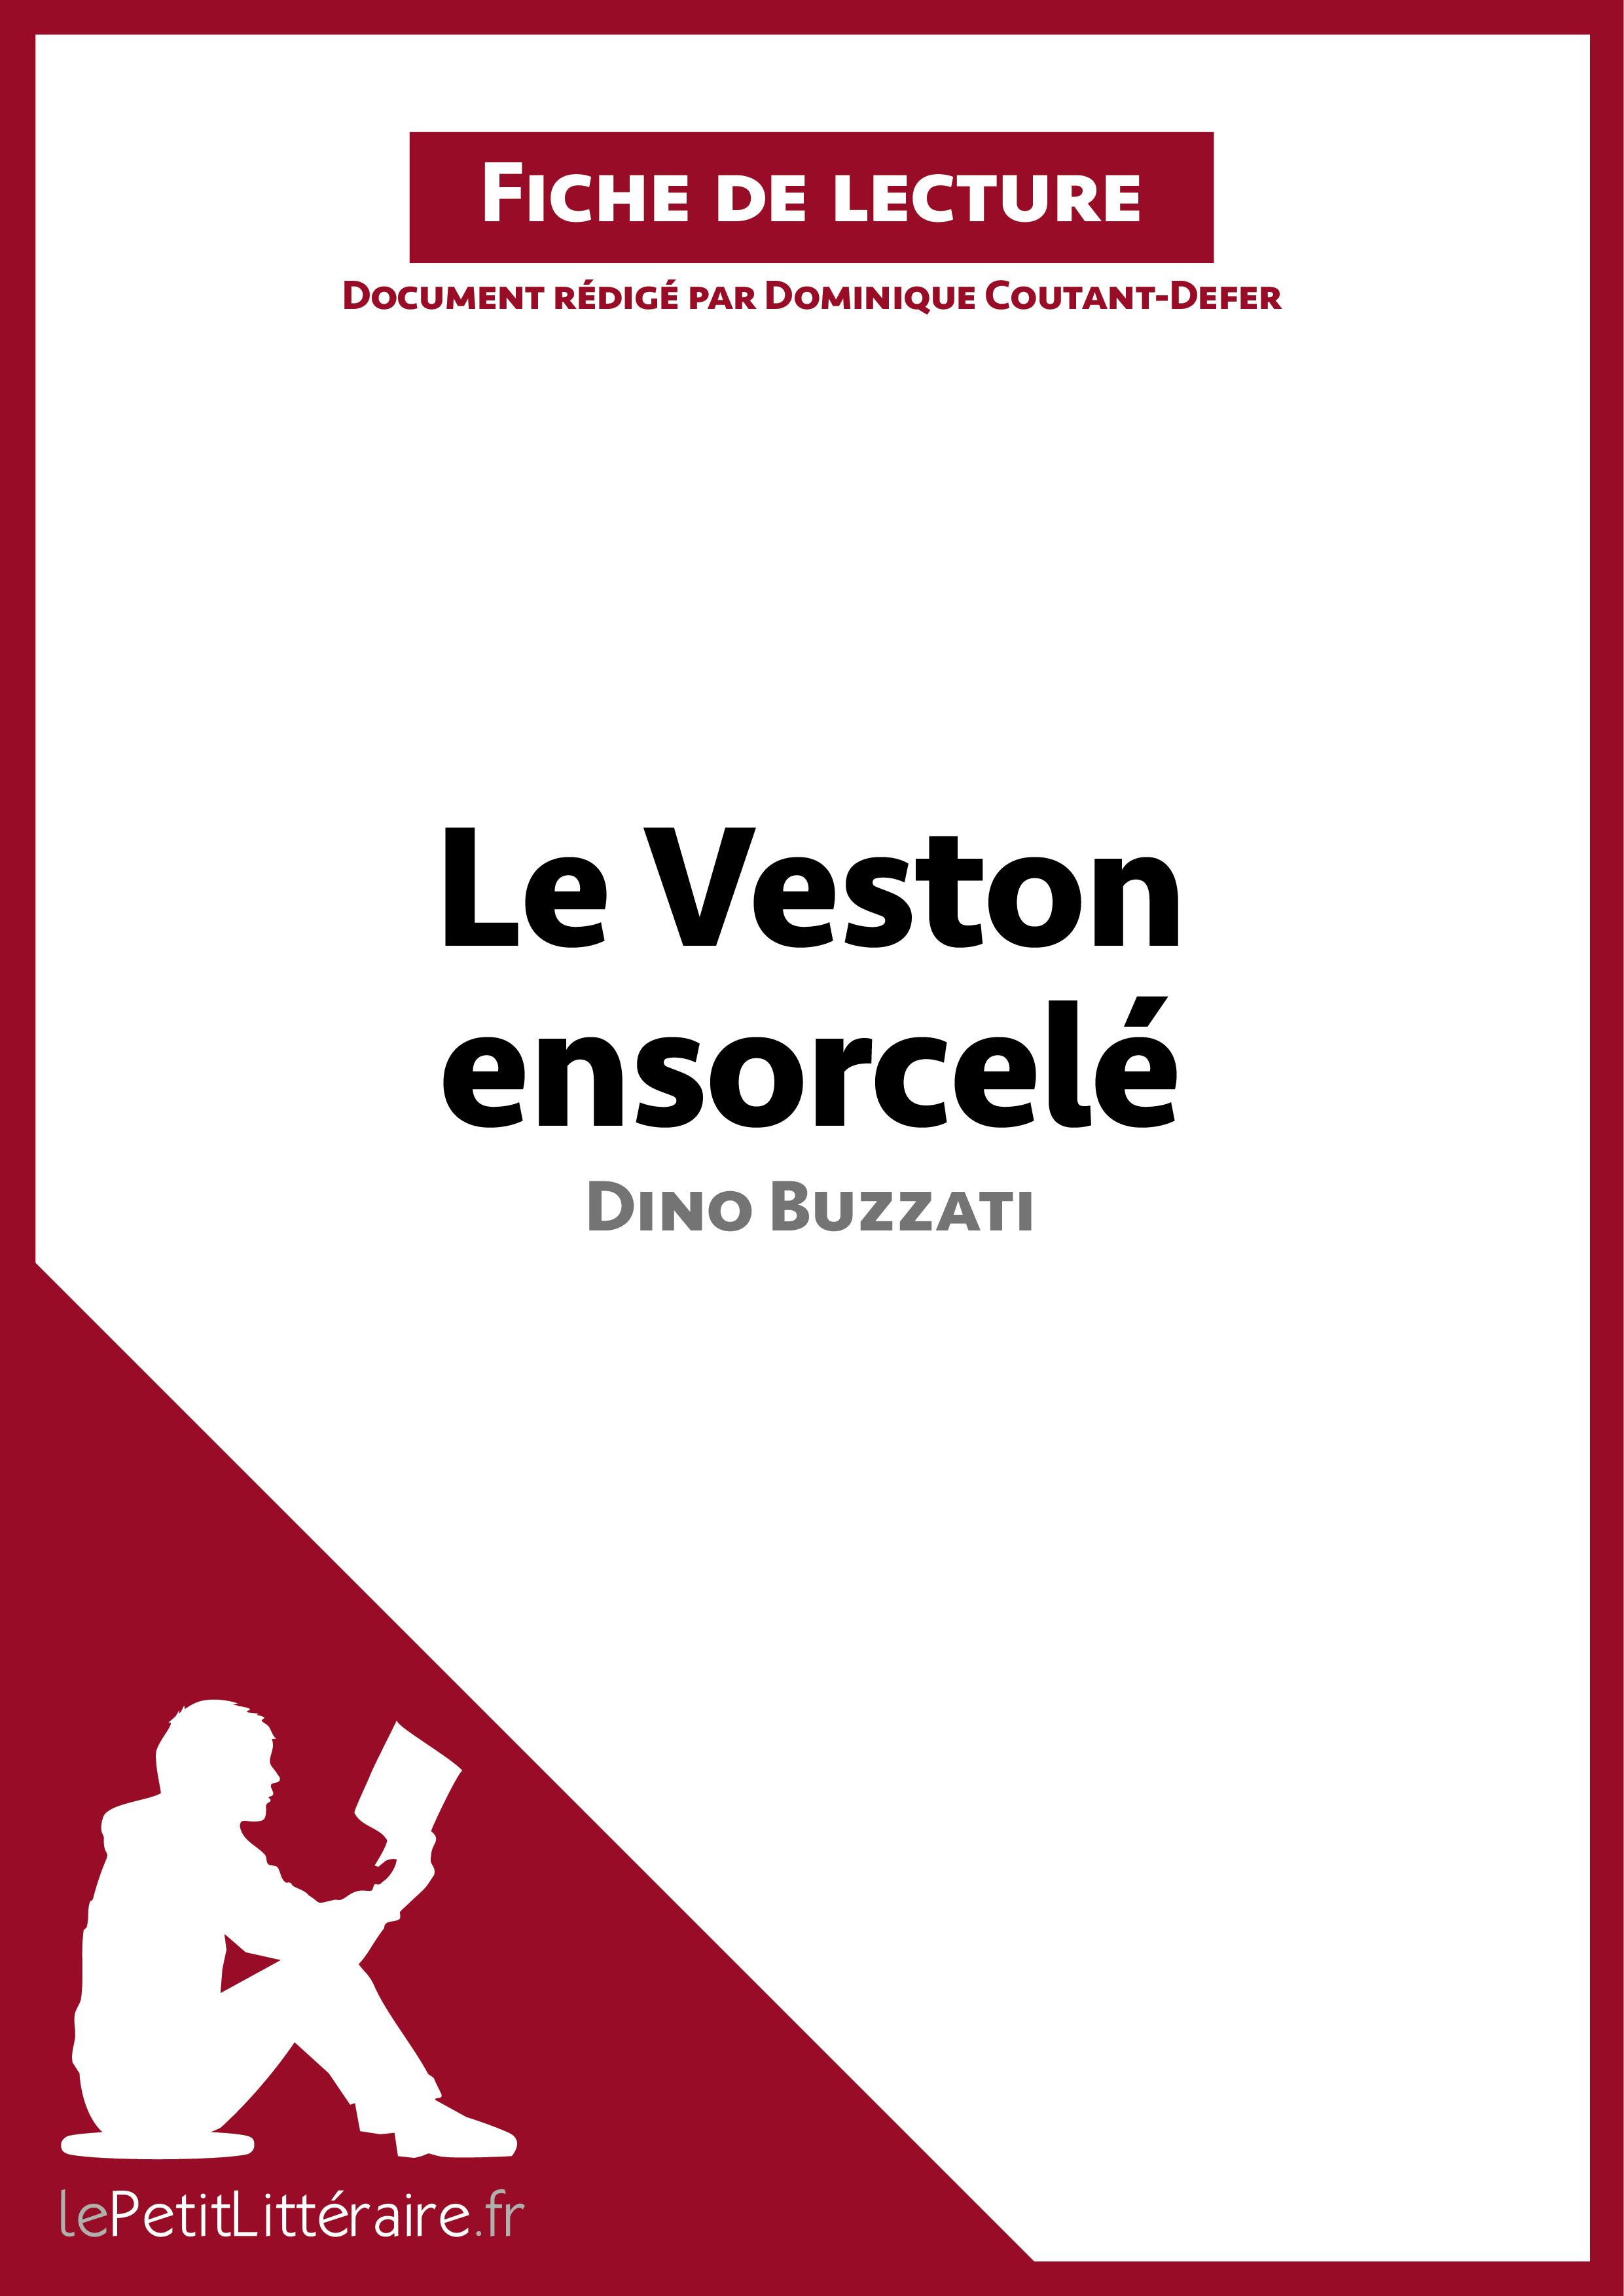 Le Veston ensorcelé